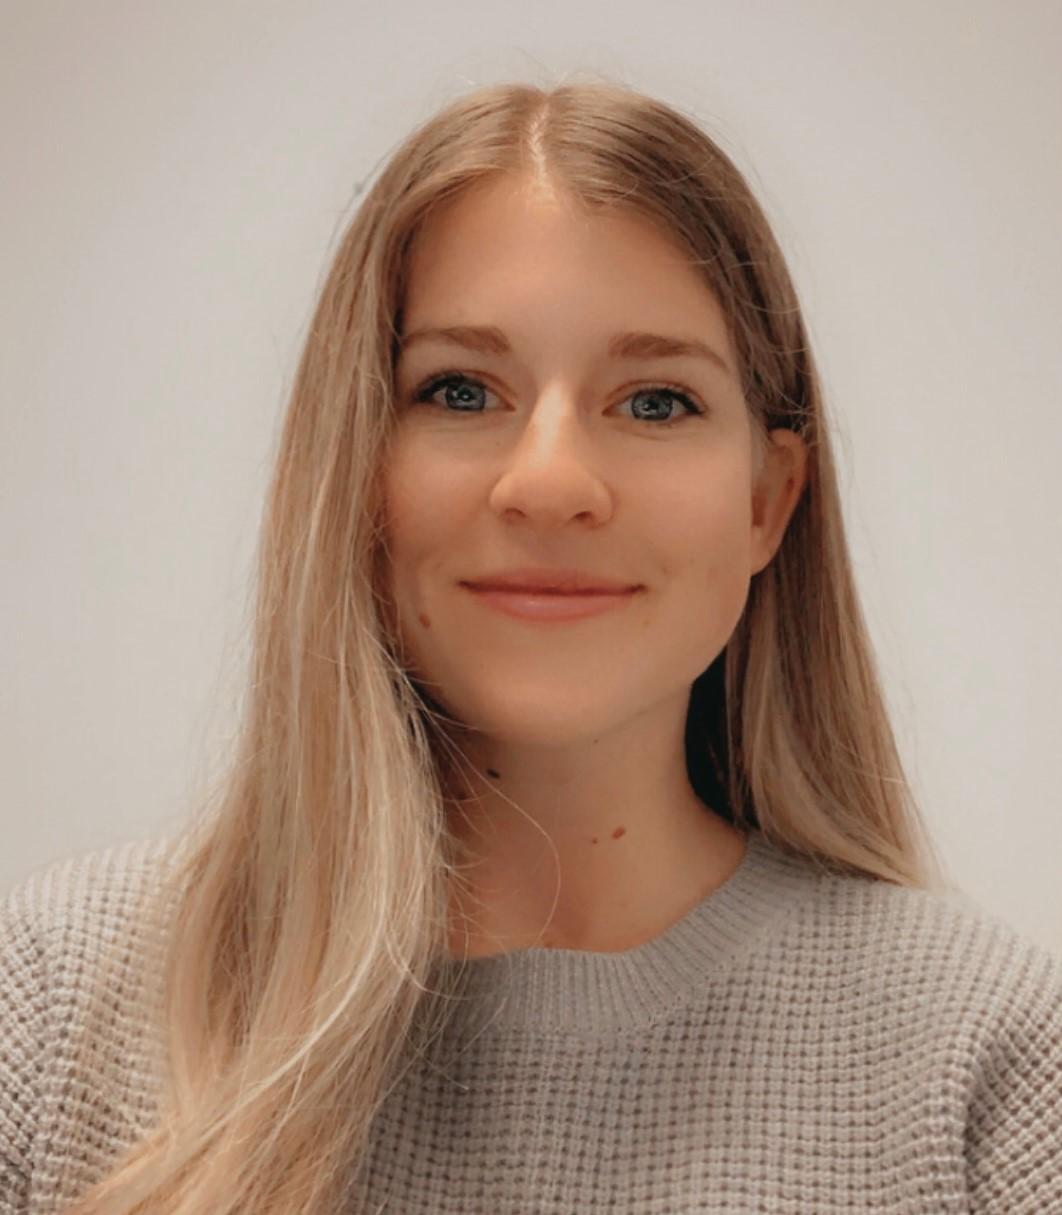 Robyn Omelchuk